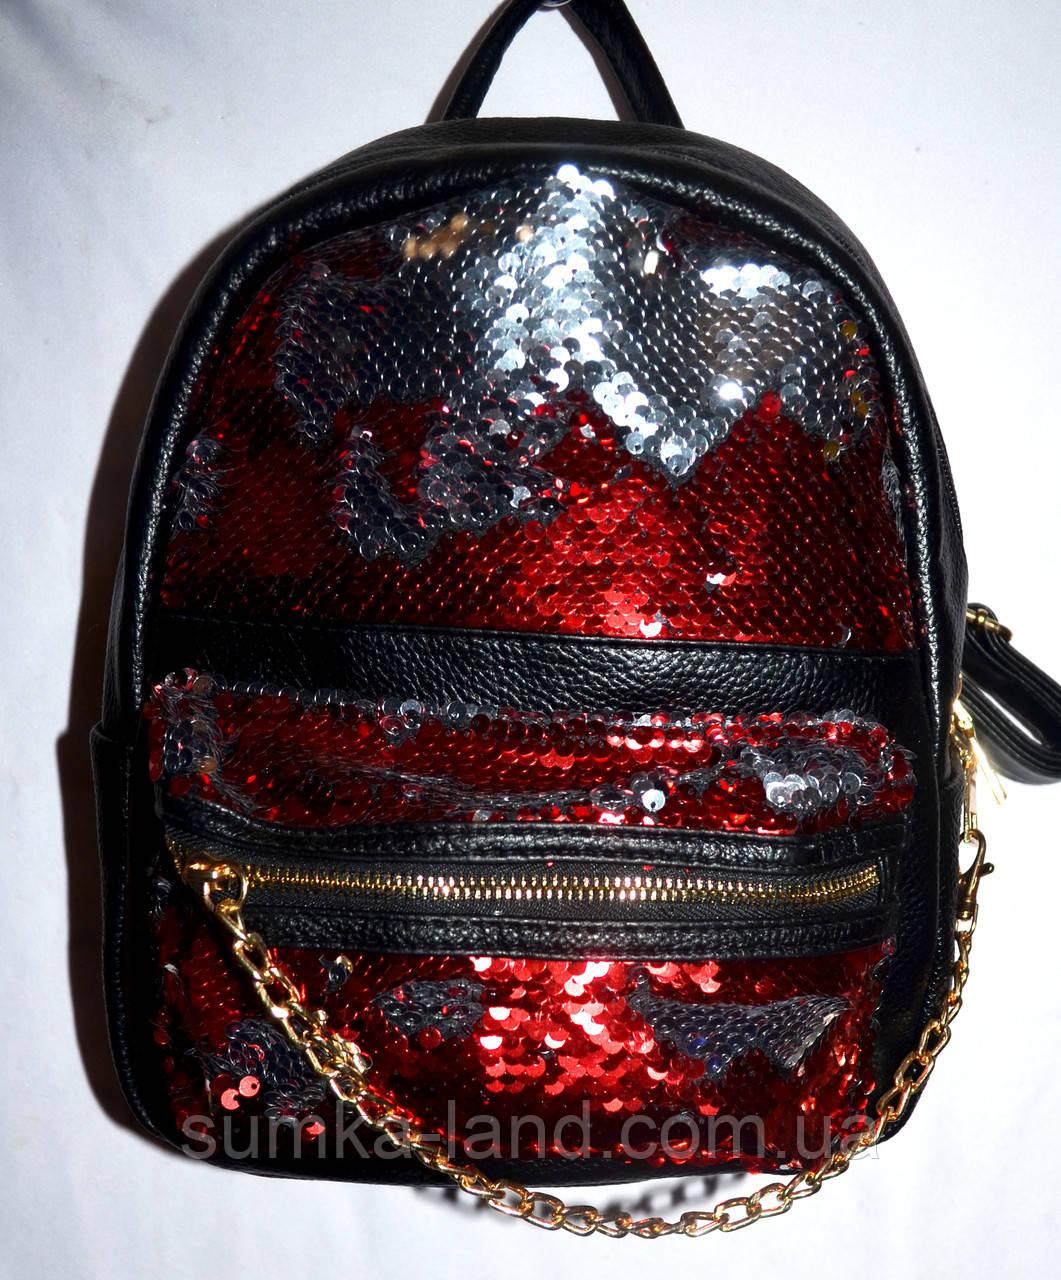 5cb219cd0453 Женский рюкзак с пайетками красный 22*30 см, цена 282 грн., купить в ...